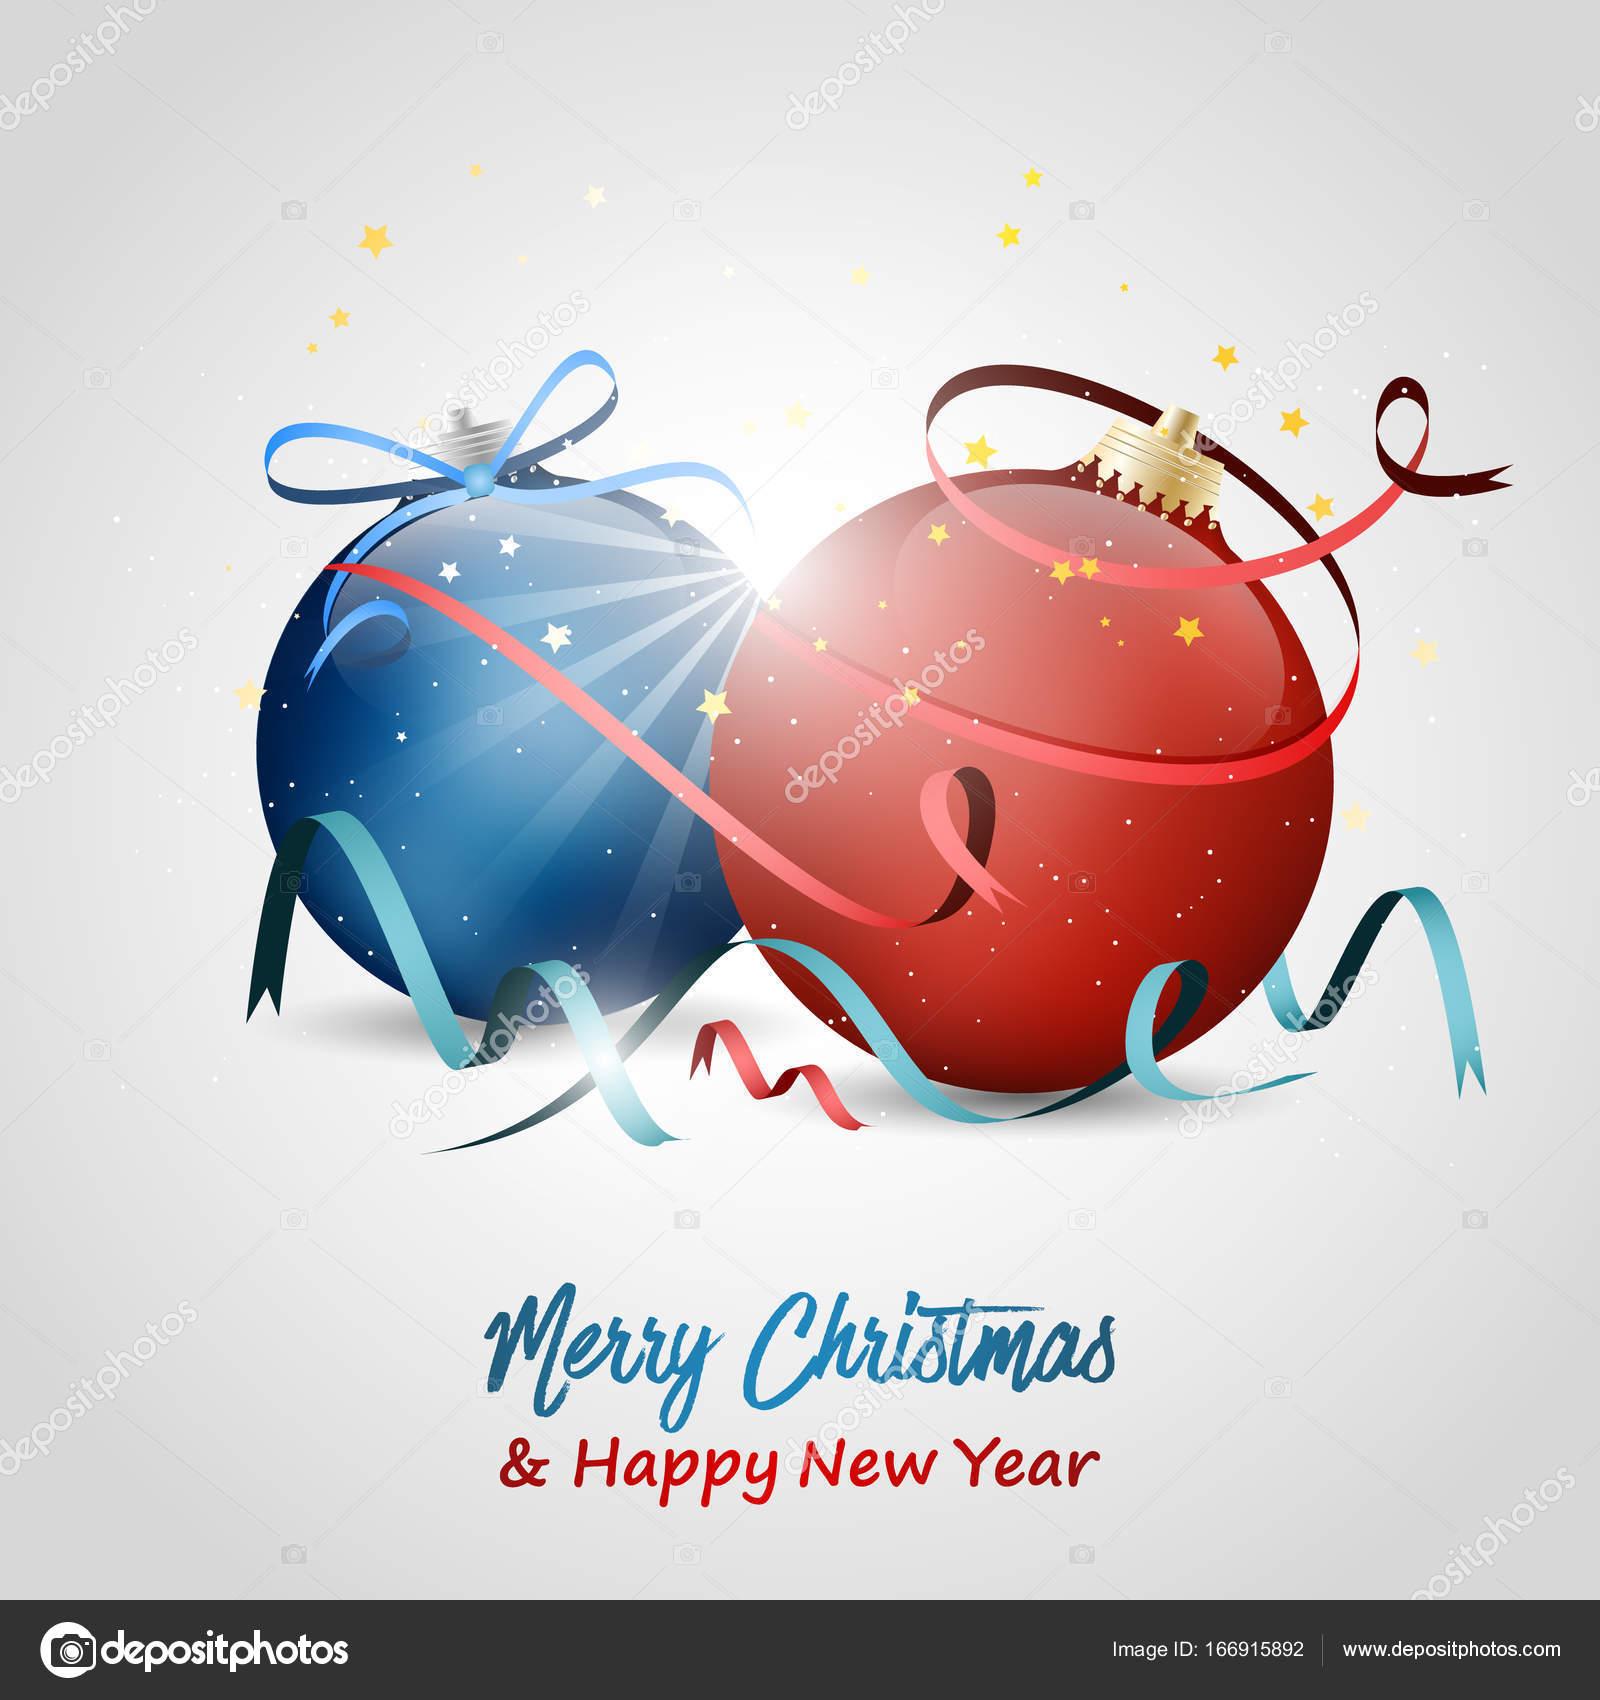 Citaten Kerst En Nieuwjaar : Kerstmis en nieuwjaar wensen vectorillustratie kerstballen